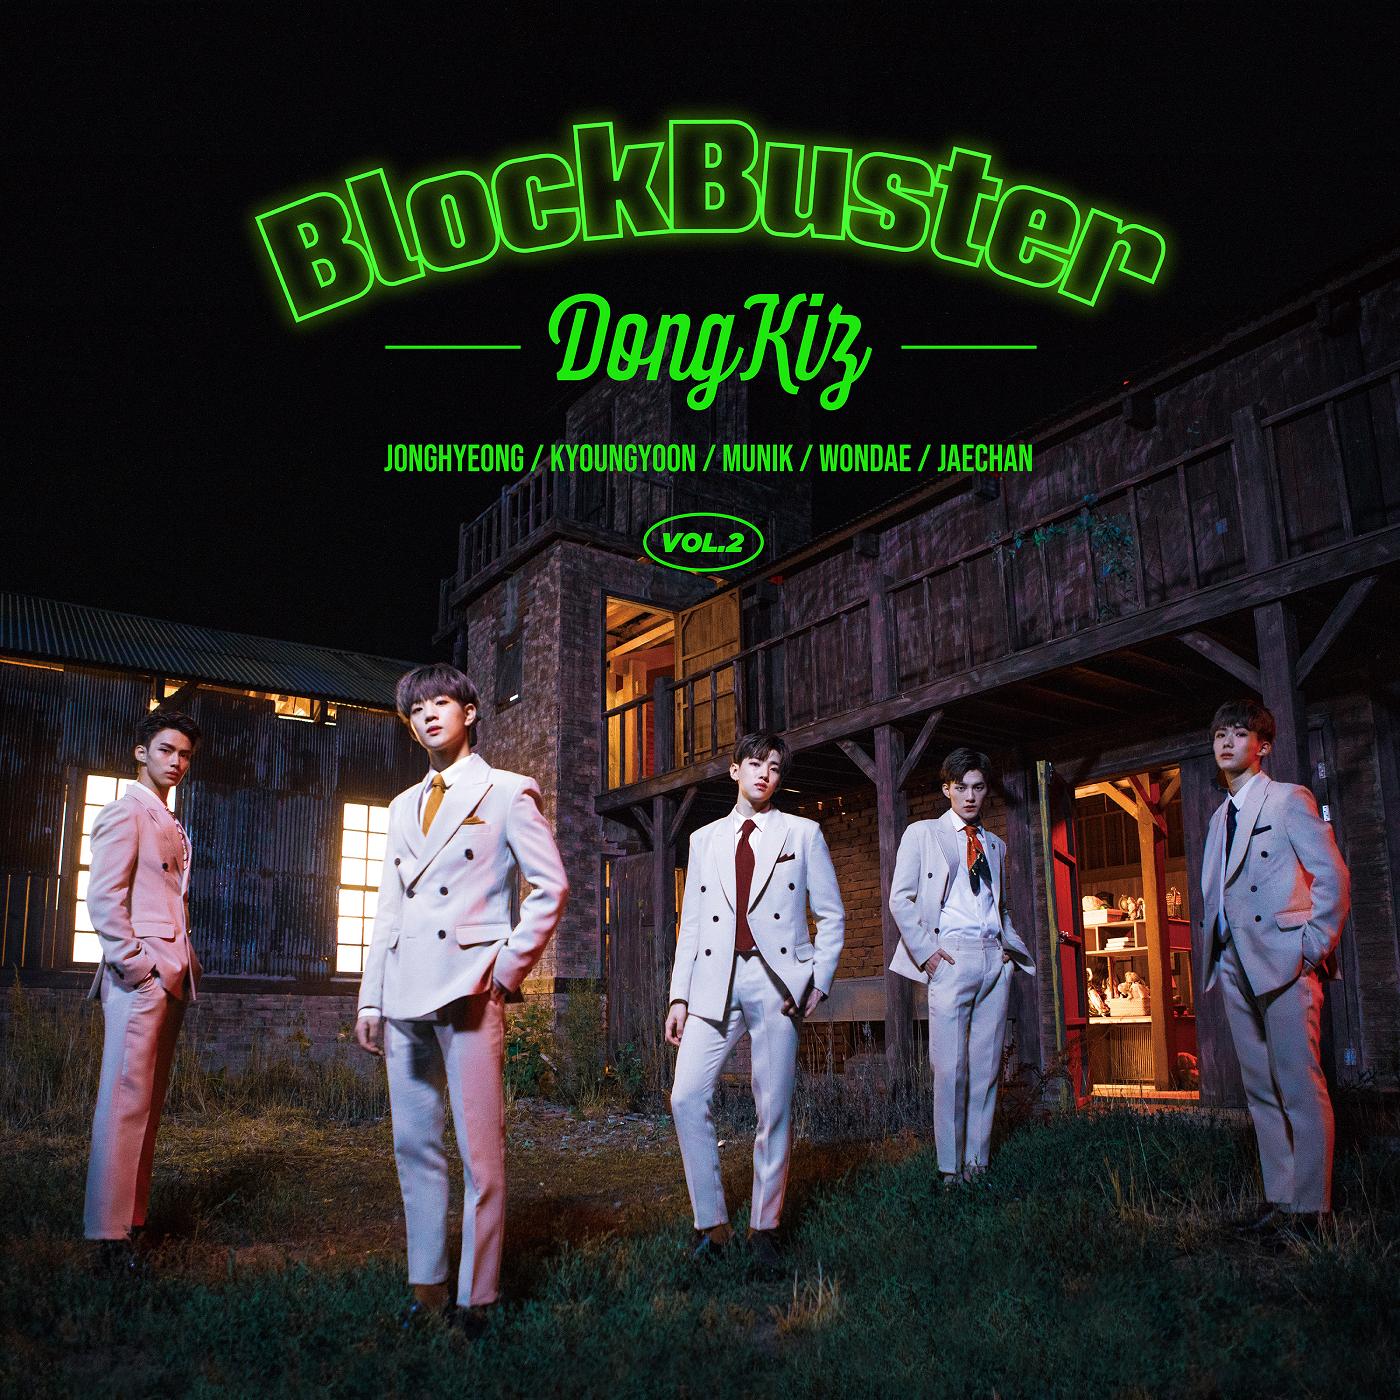 Blockbuster (DONGKIZ)